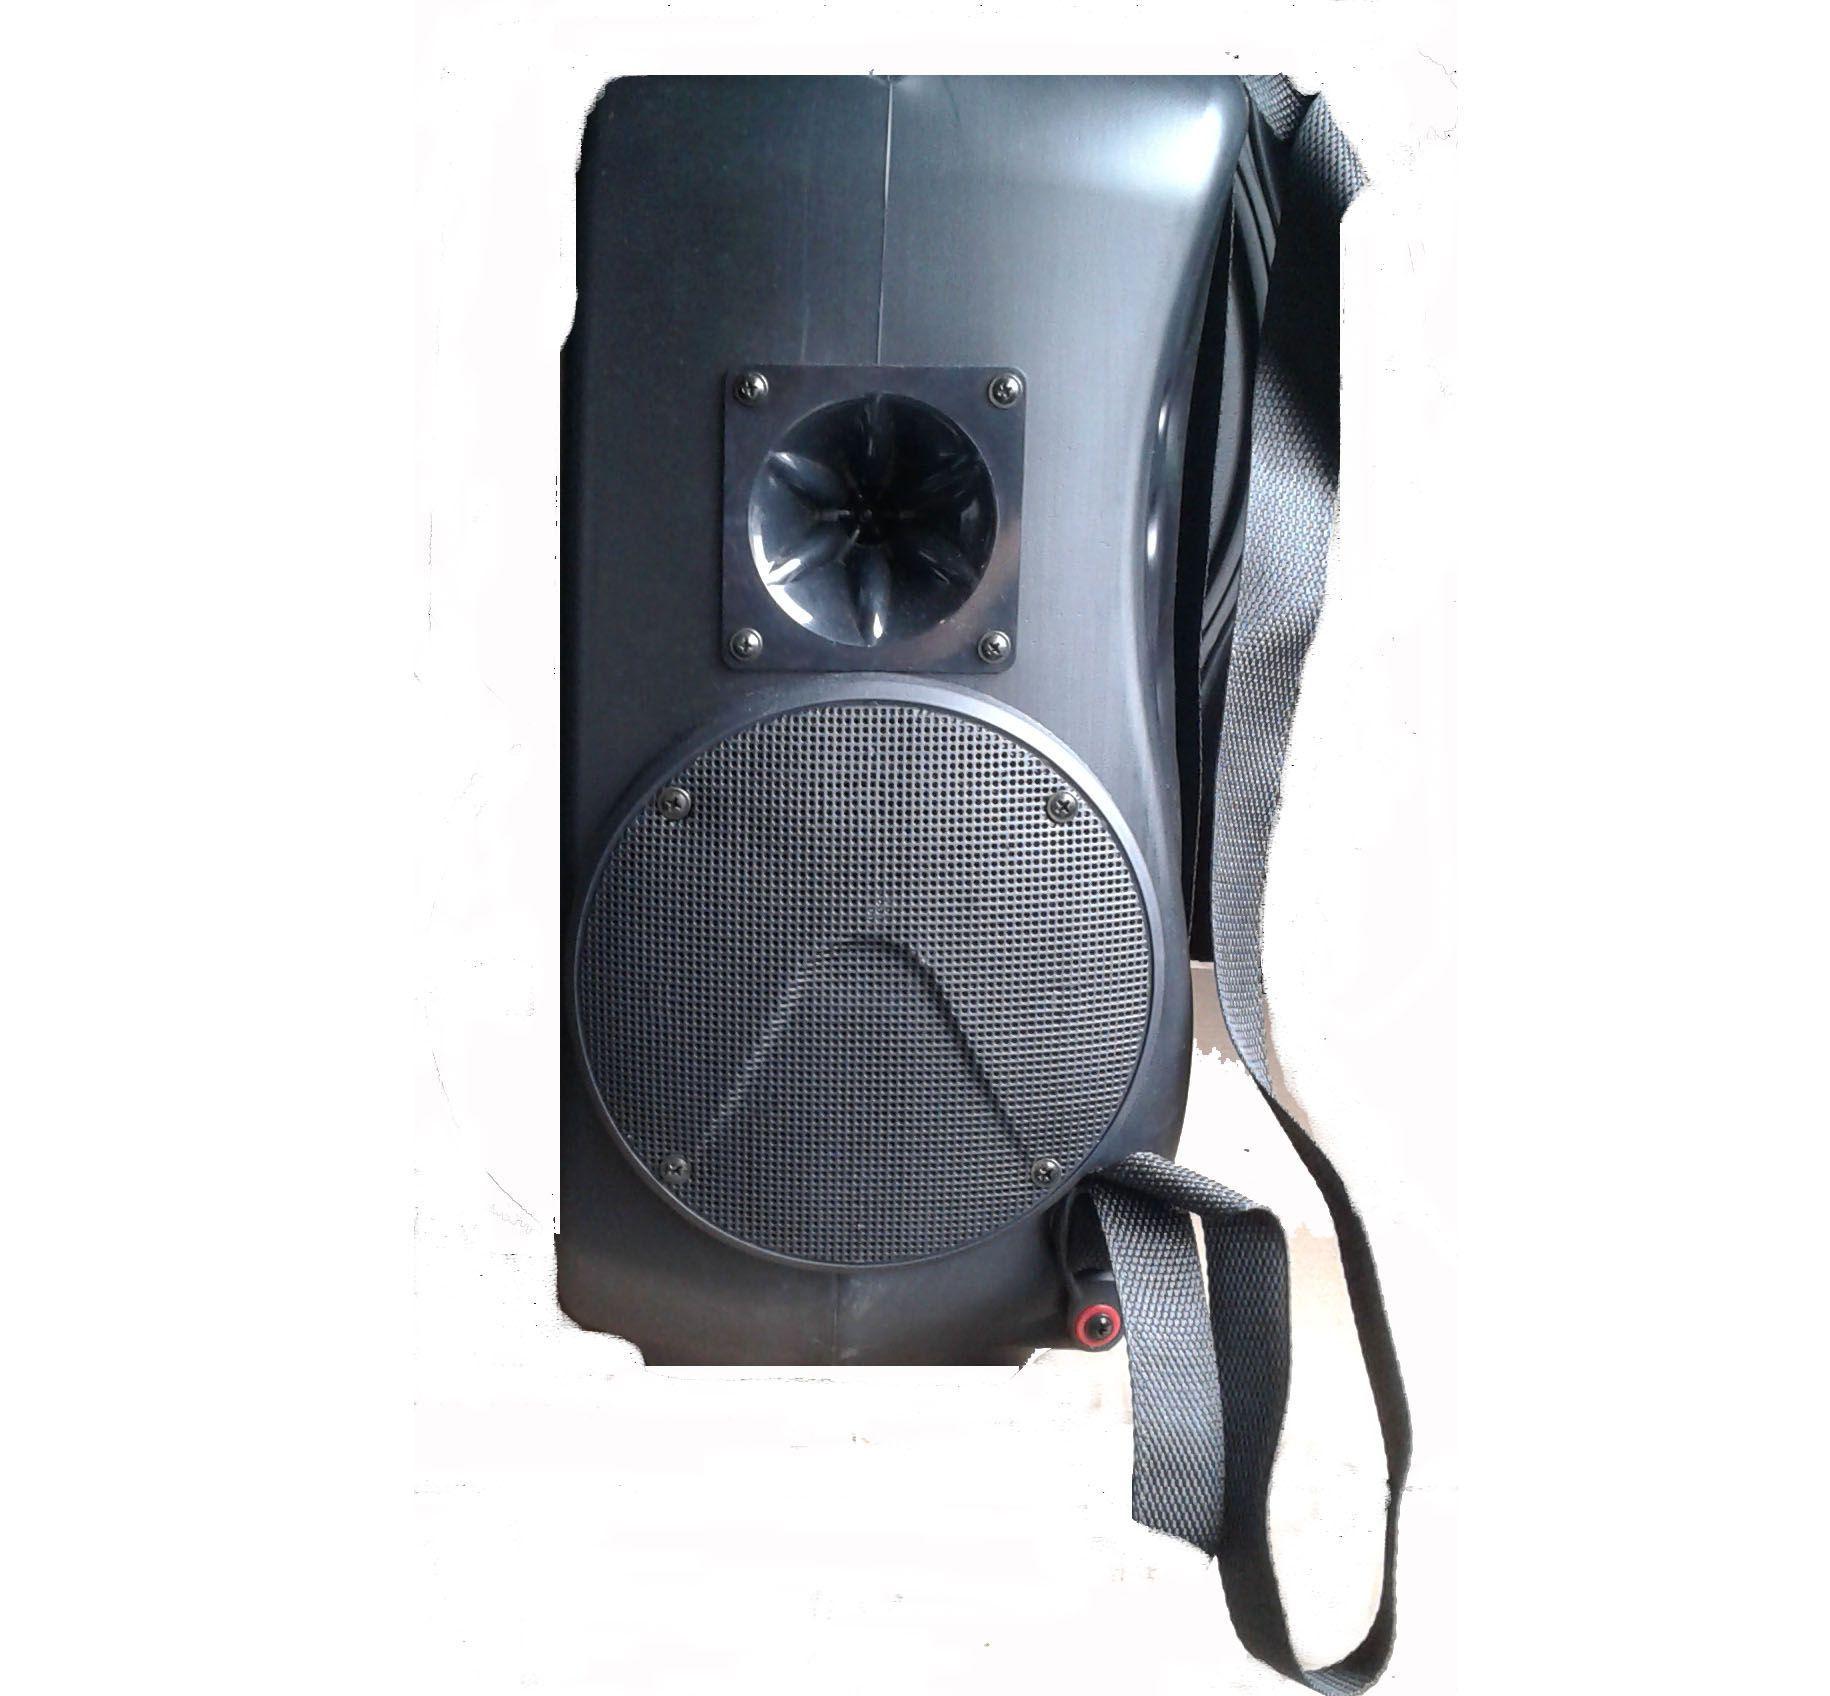 """Caixa supertech Mochila Som MA120 3 Falantes de 6"""" Secos Ativo Bateria  12V  USB  SD Propaganda"""